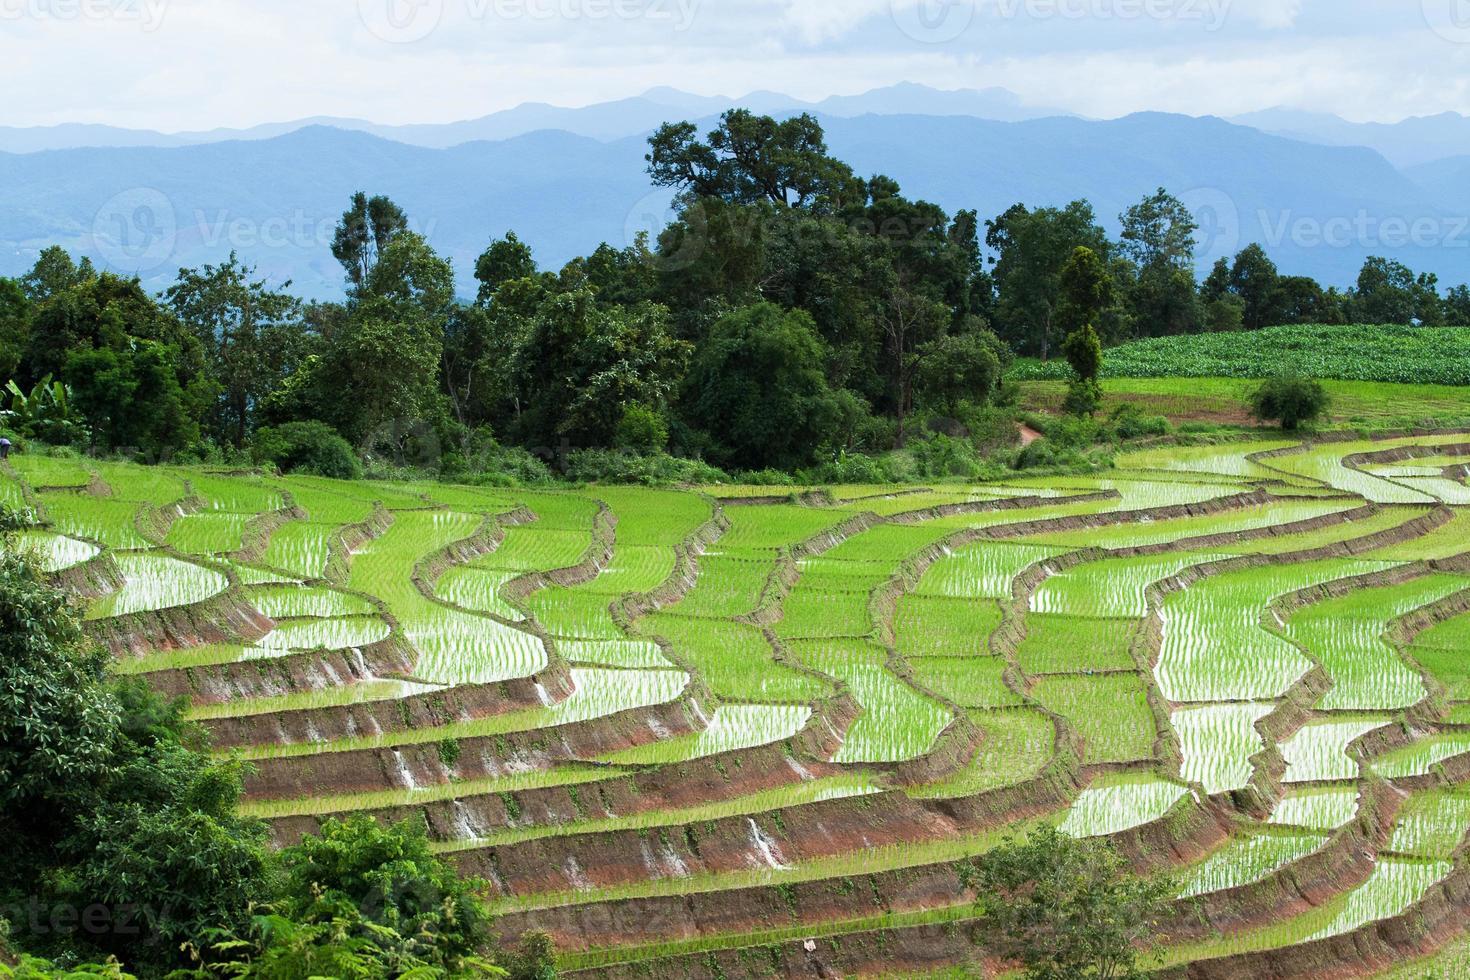 giacimento a terrazze del riso in chiangmai, Tailandia foto